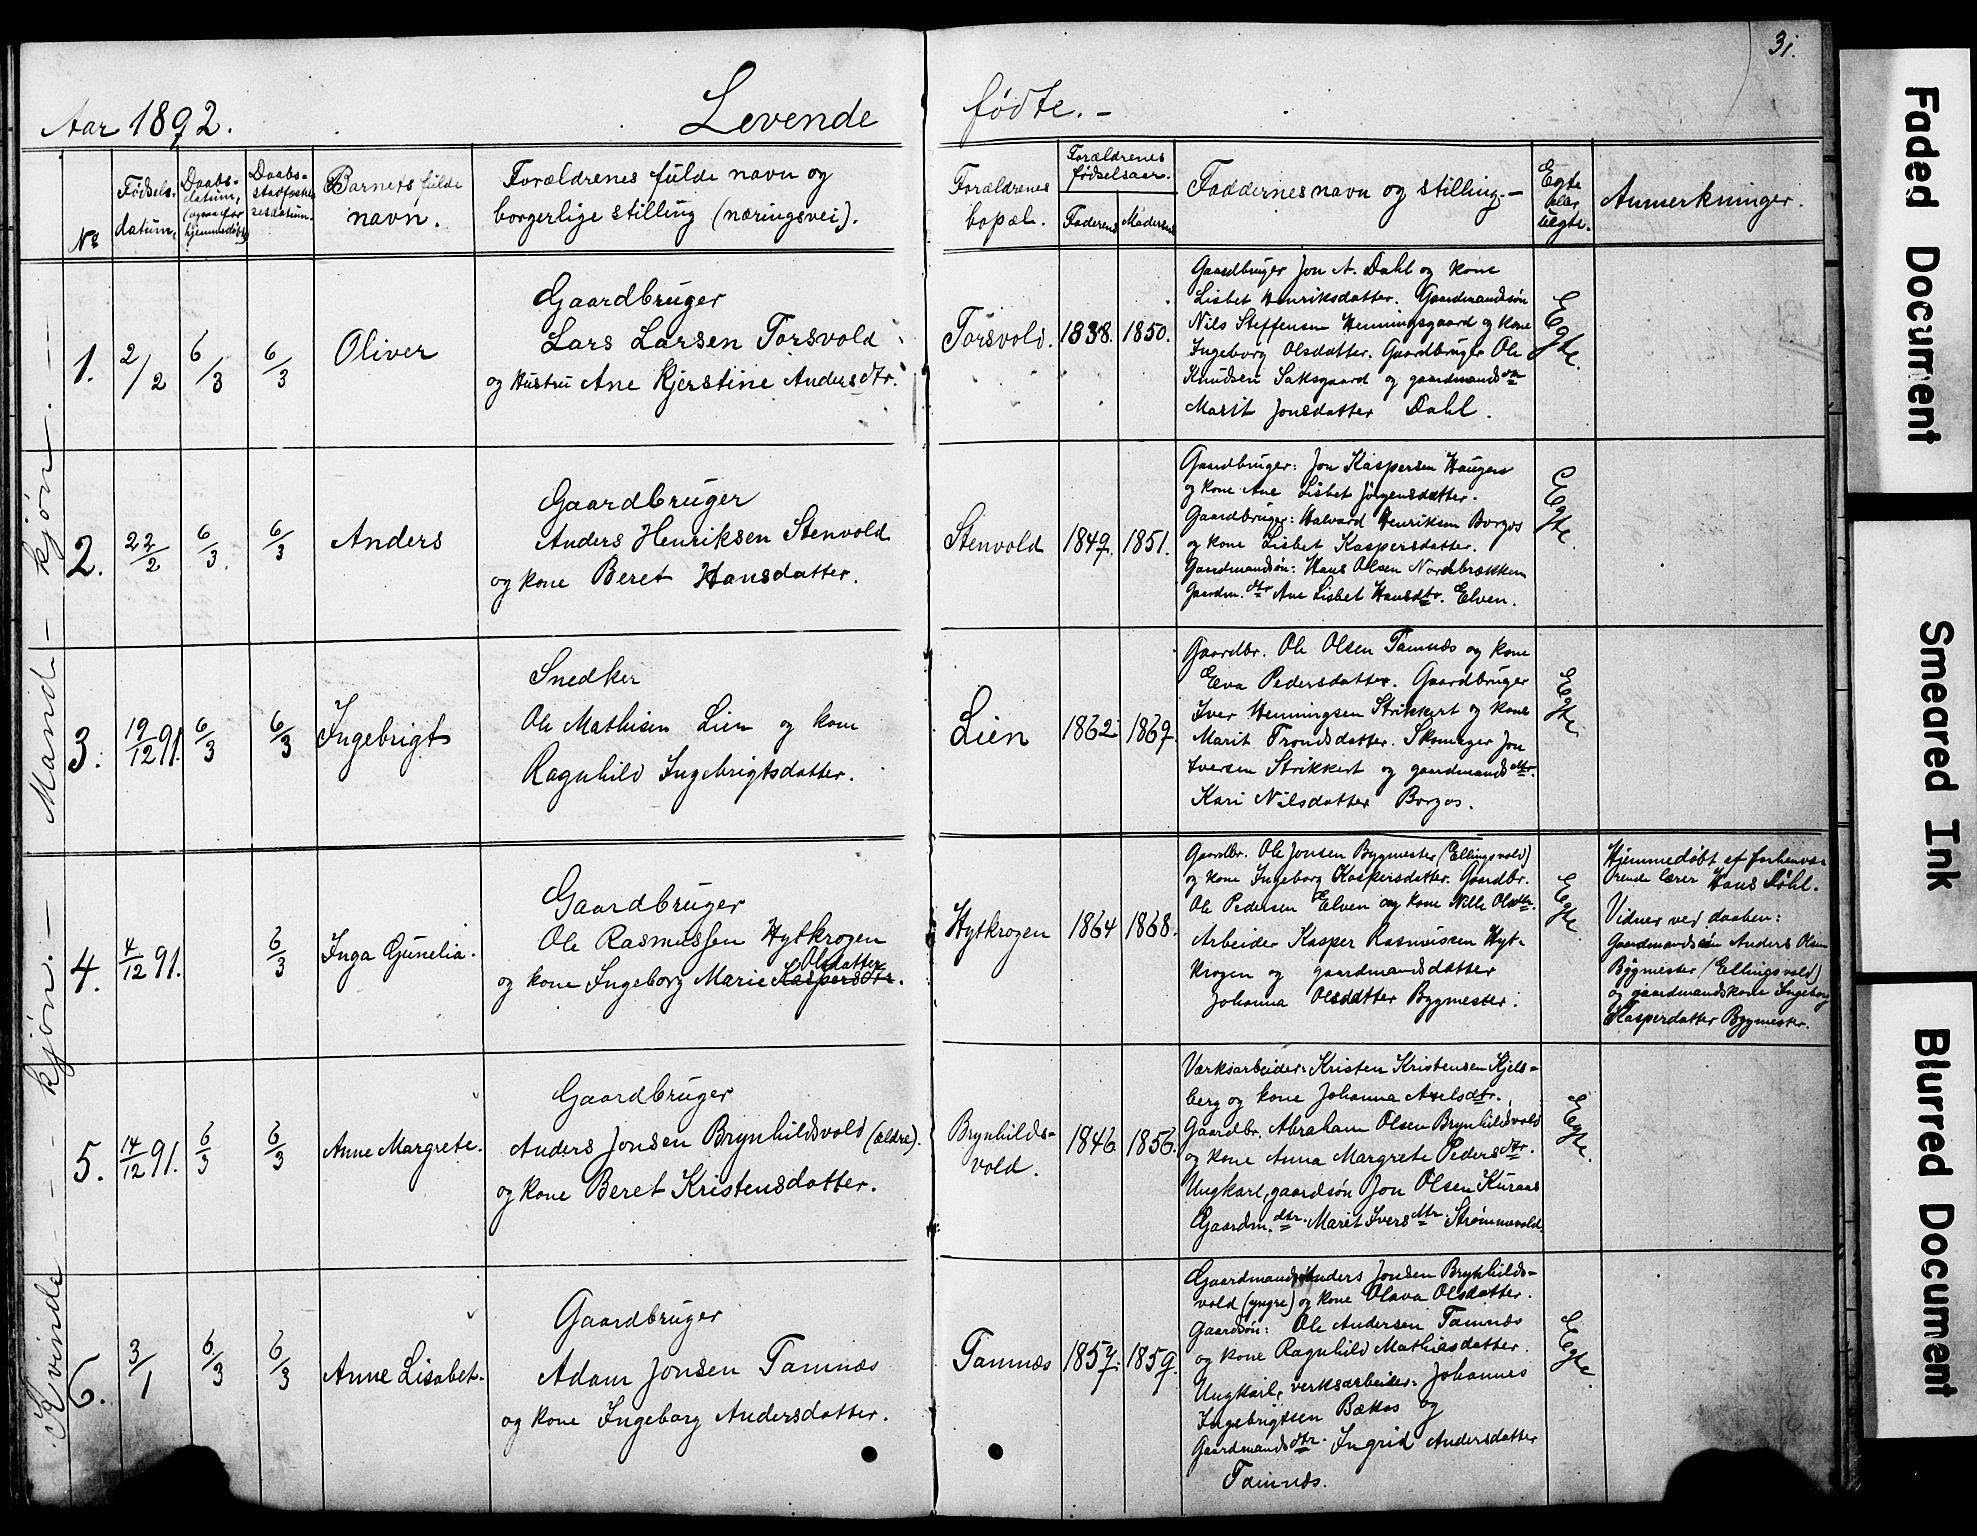 SAT, Ministerialprotokoller, klokkerbøker og fødselsregistre - Sør-Trøndelag, 683/L0949: Klokkerbok nr. 683C01, 1880-1896, s. 31